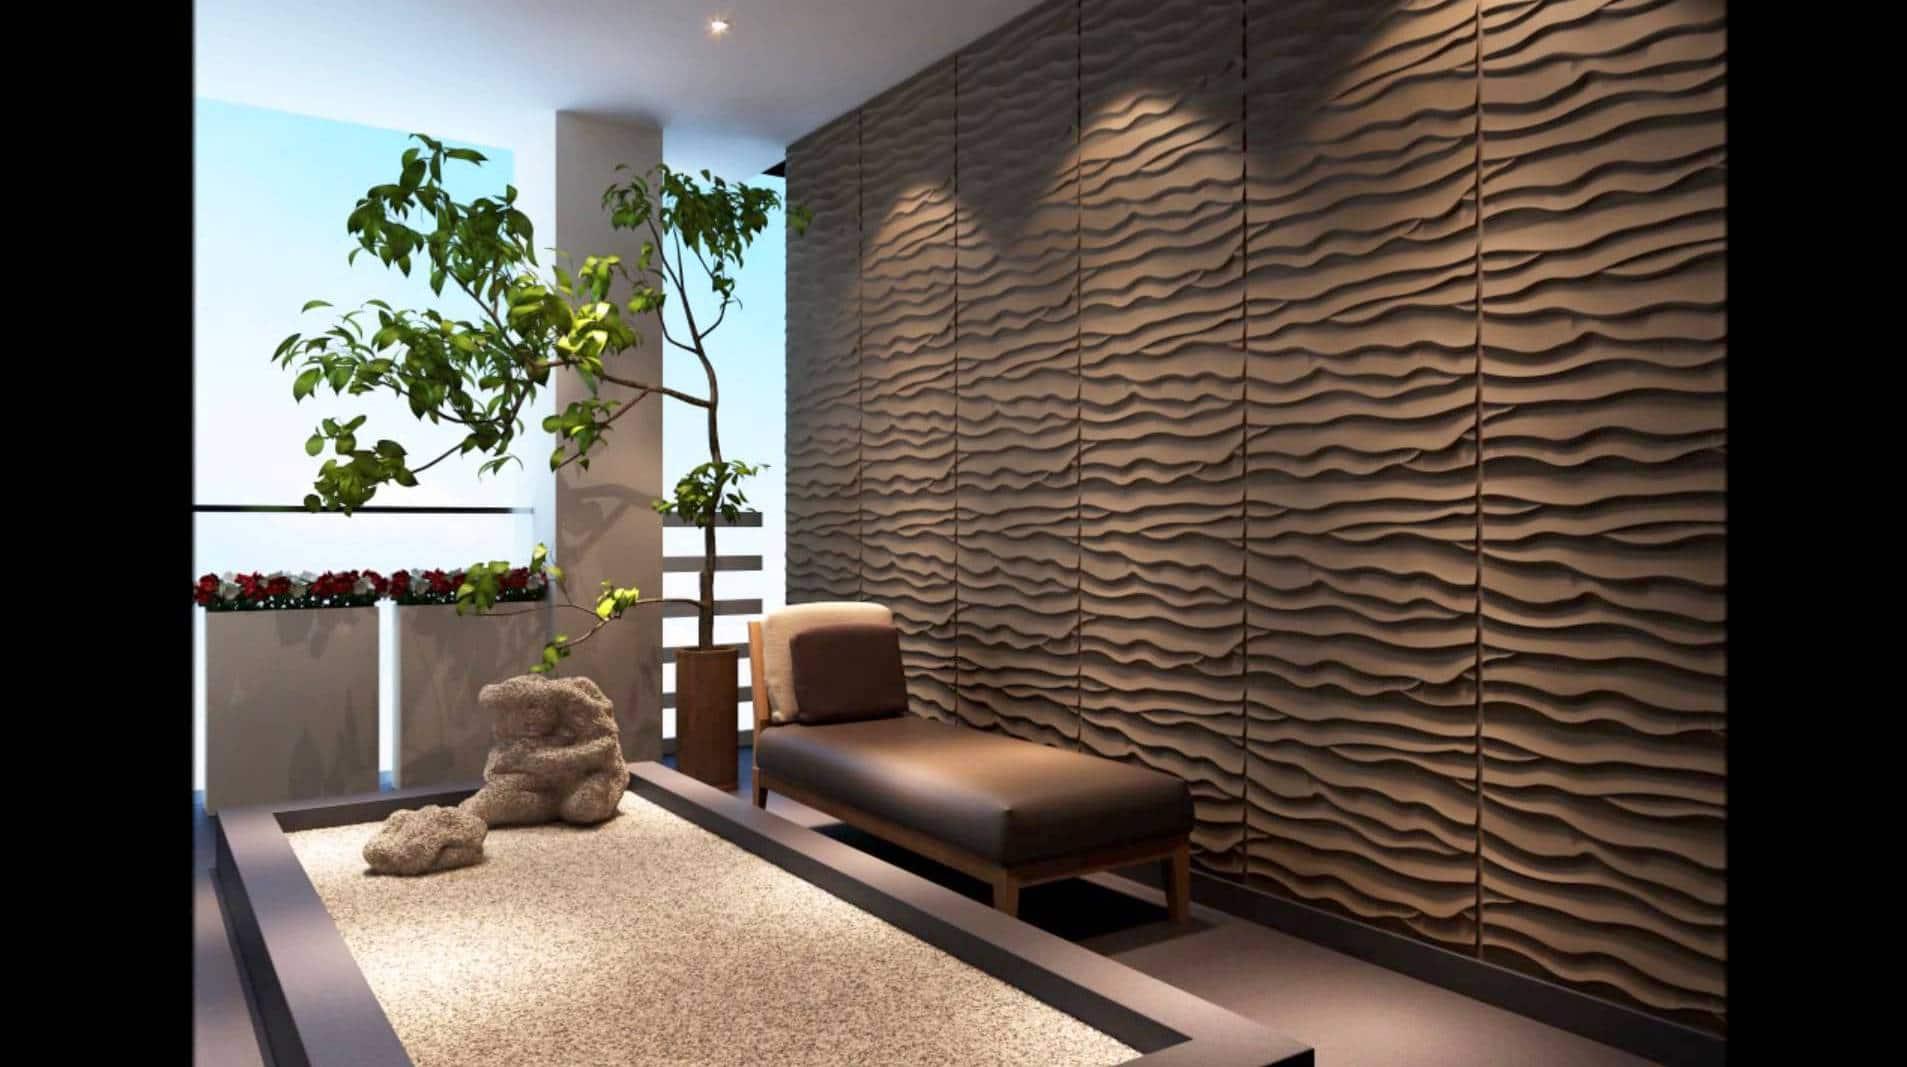 Free Decorative Wall Layout Free Decorative Wall Layout